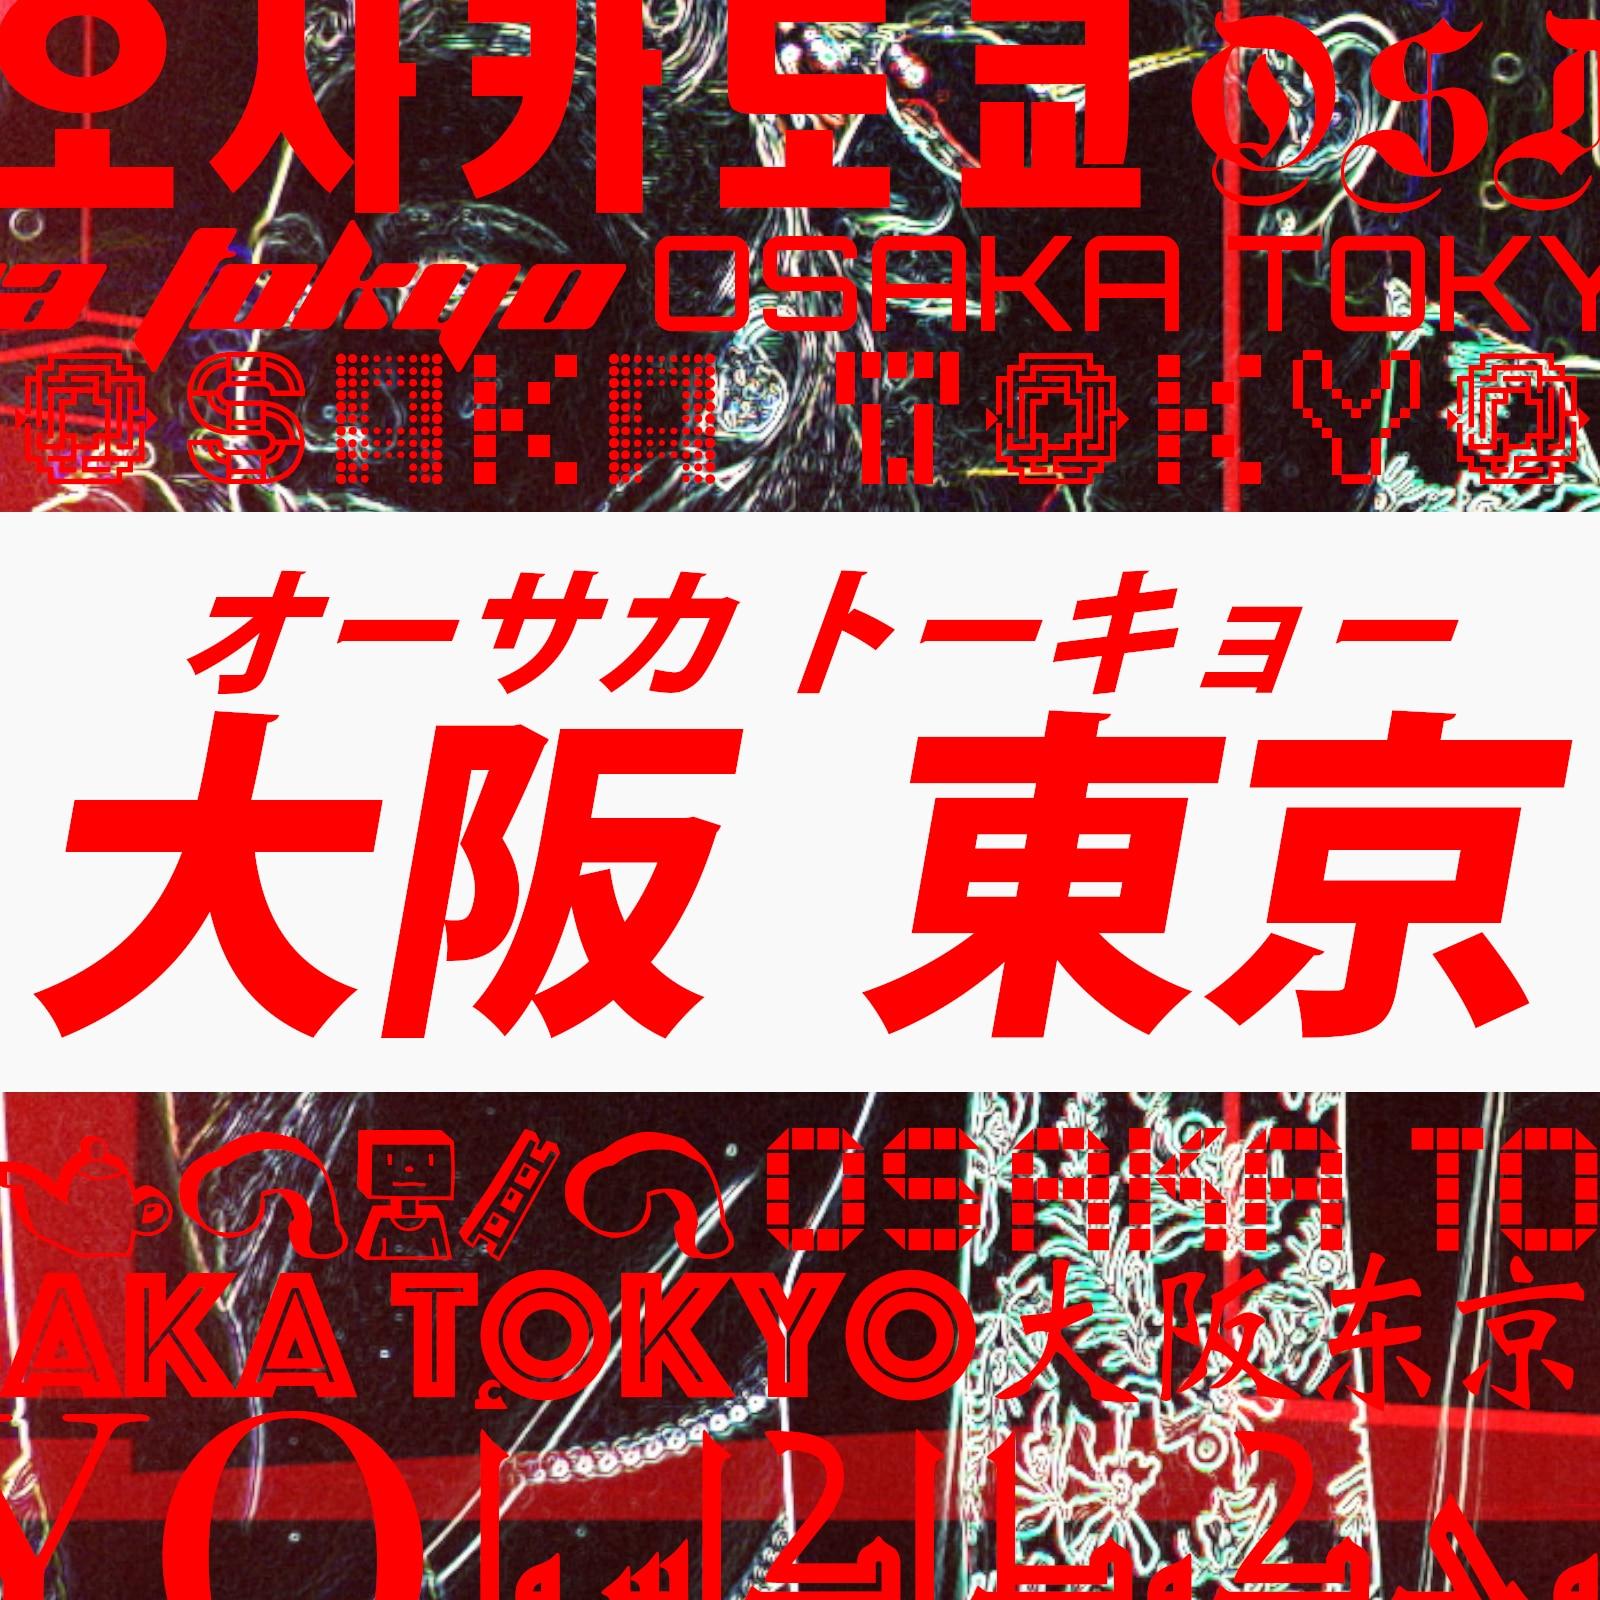 オーサカトーキョー / EXILE ATSUSHI × 倖⽥來未